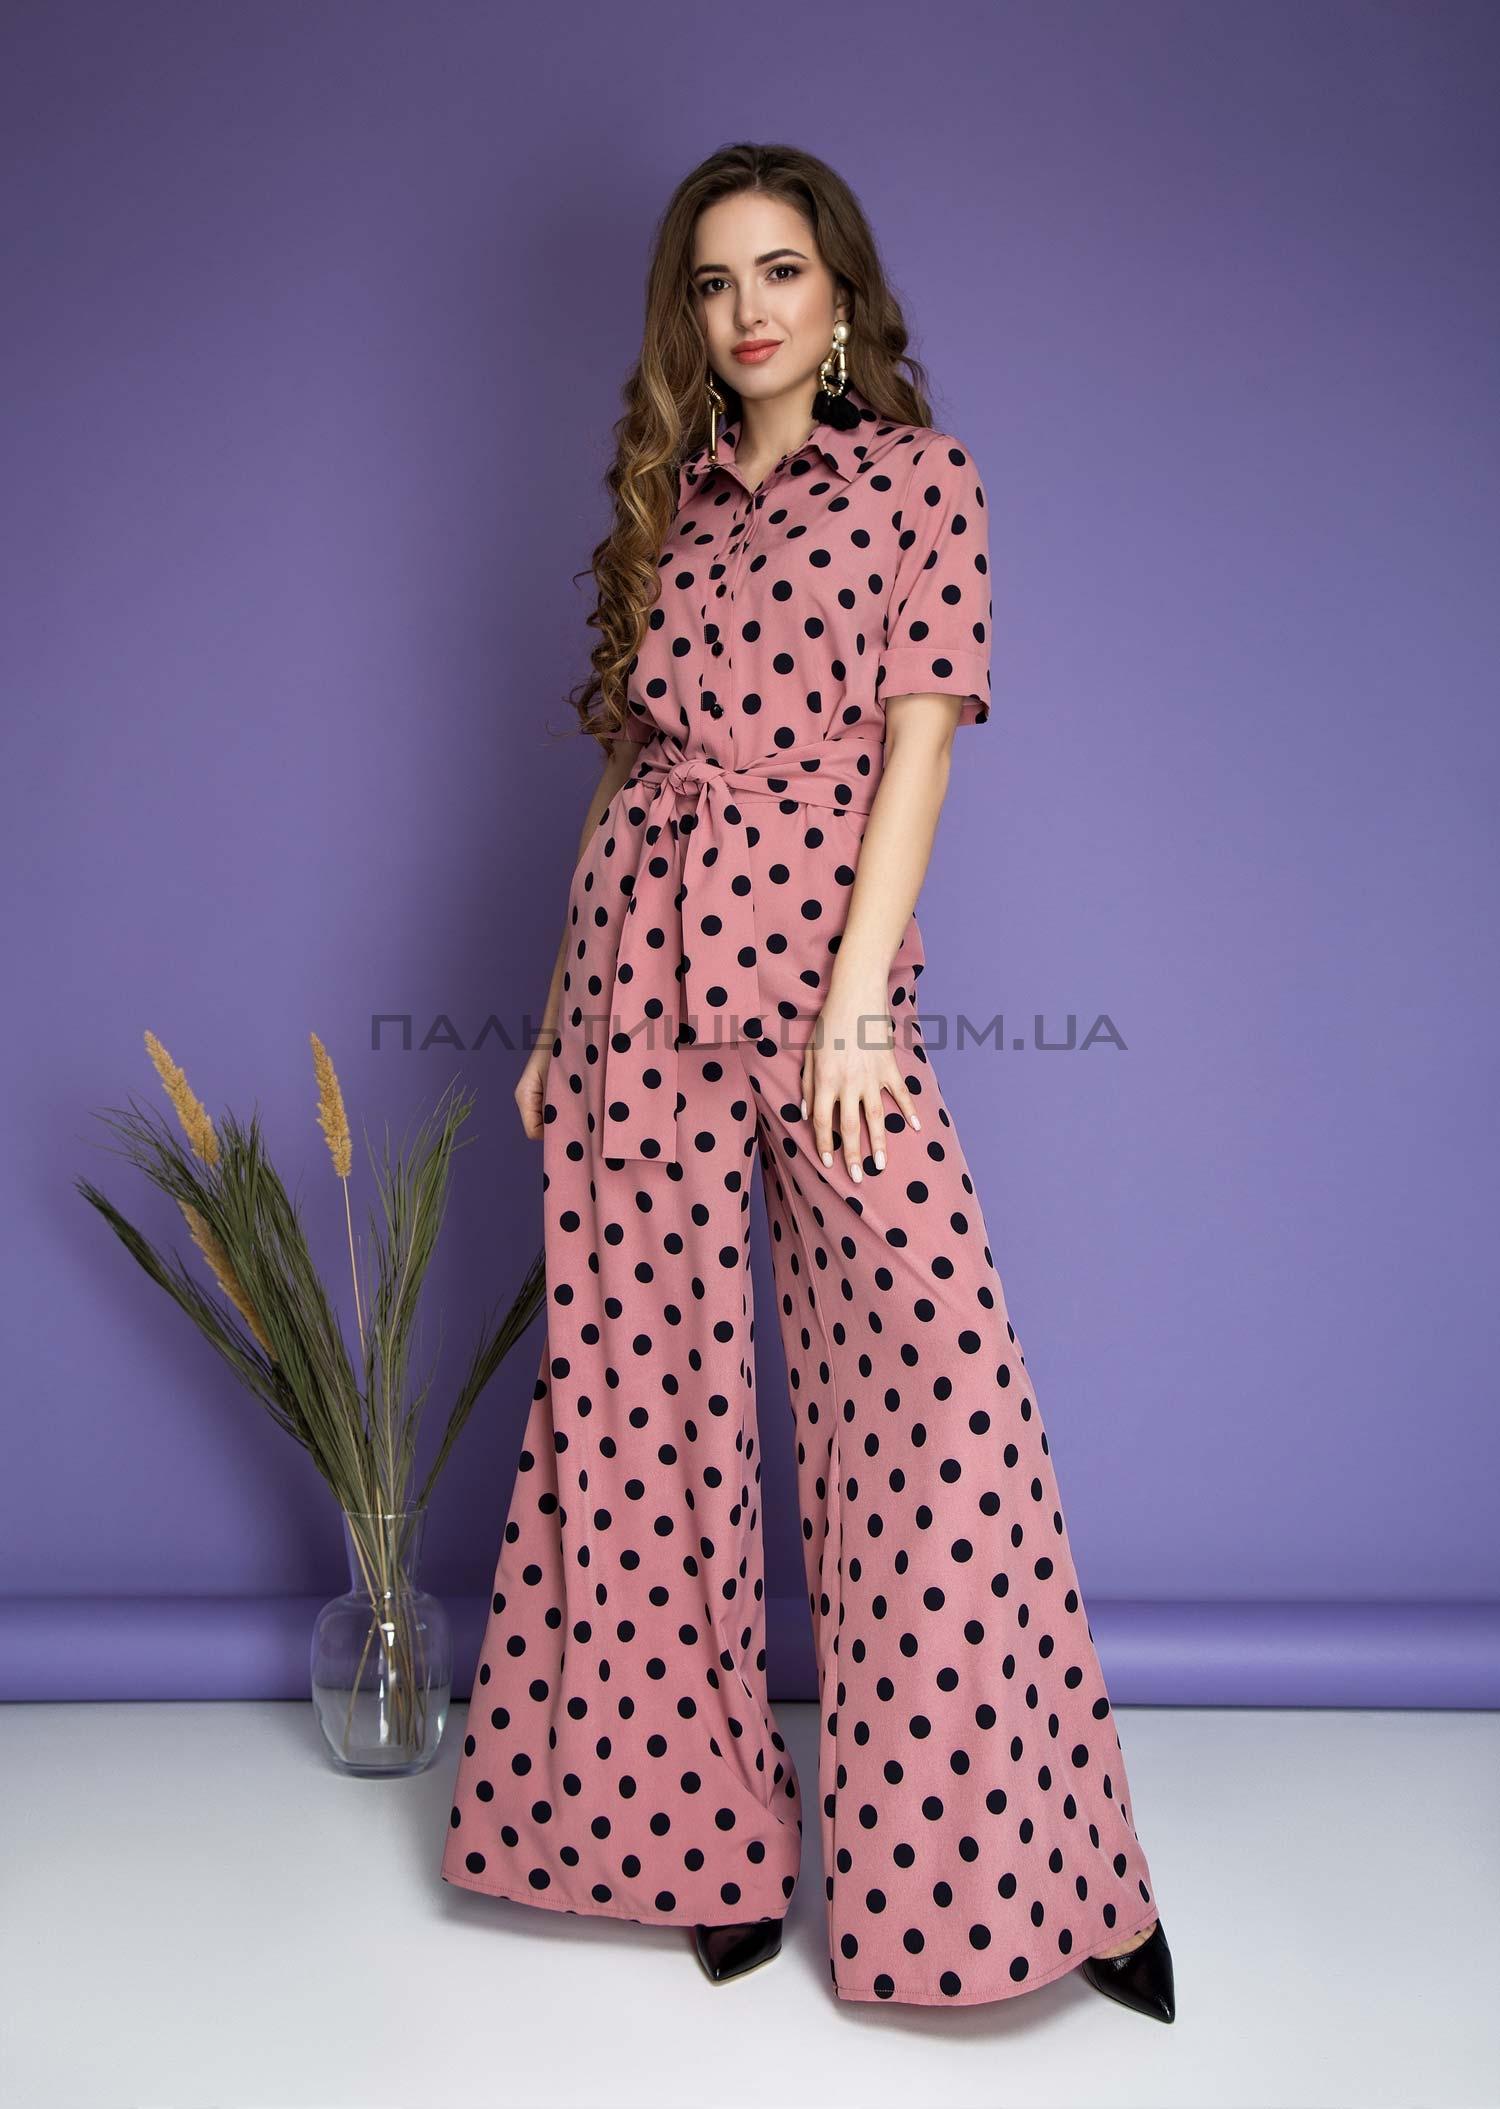 Комбинезон розовый в горошек